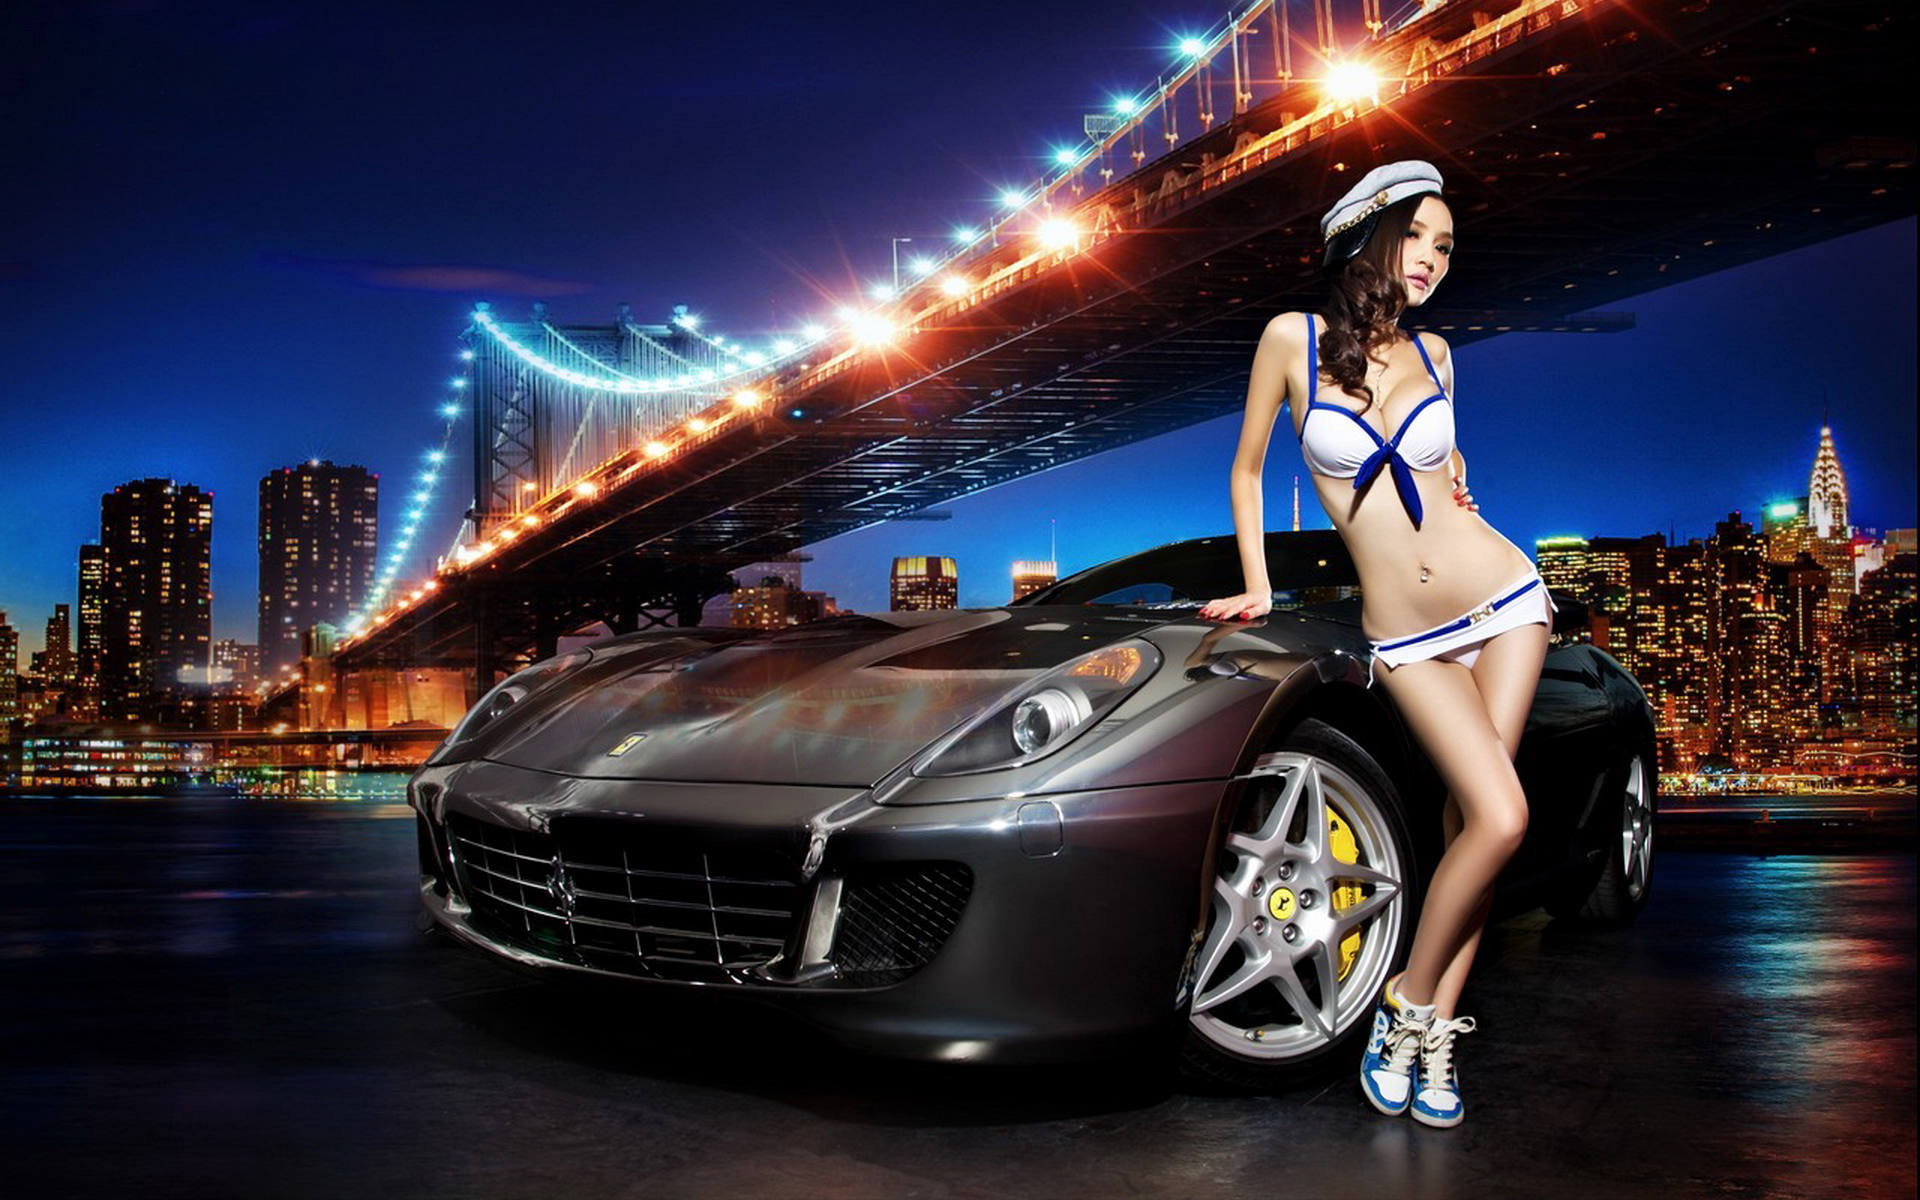 法拉利 改装 车模宽屏壁纸 15p高清图片